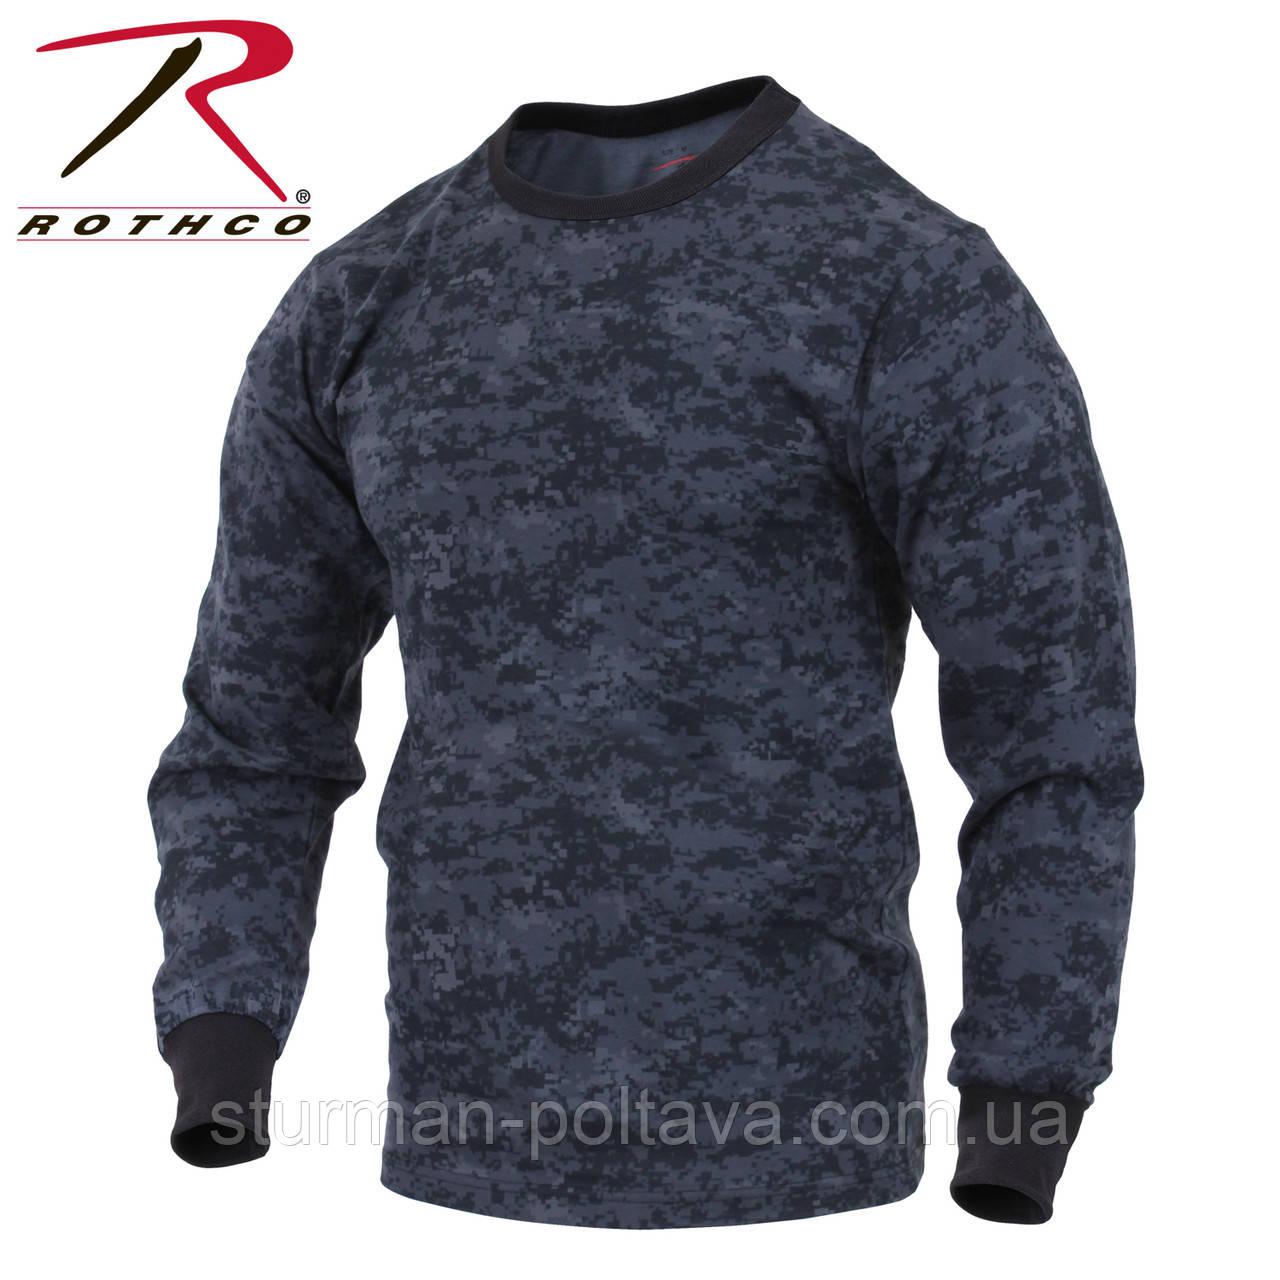 Футболка мужская тактическая камуфляжная  ночной пиксель Sleeve Digital Camo длинный рукав   Rоtcho США